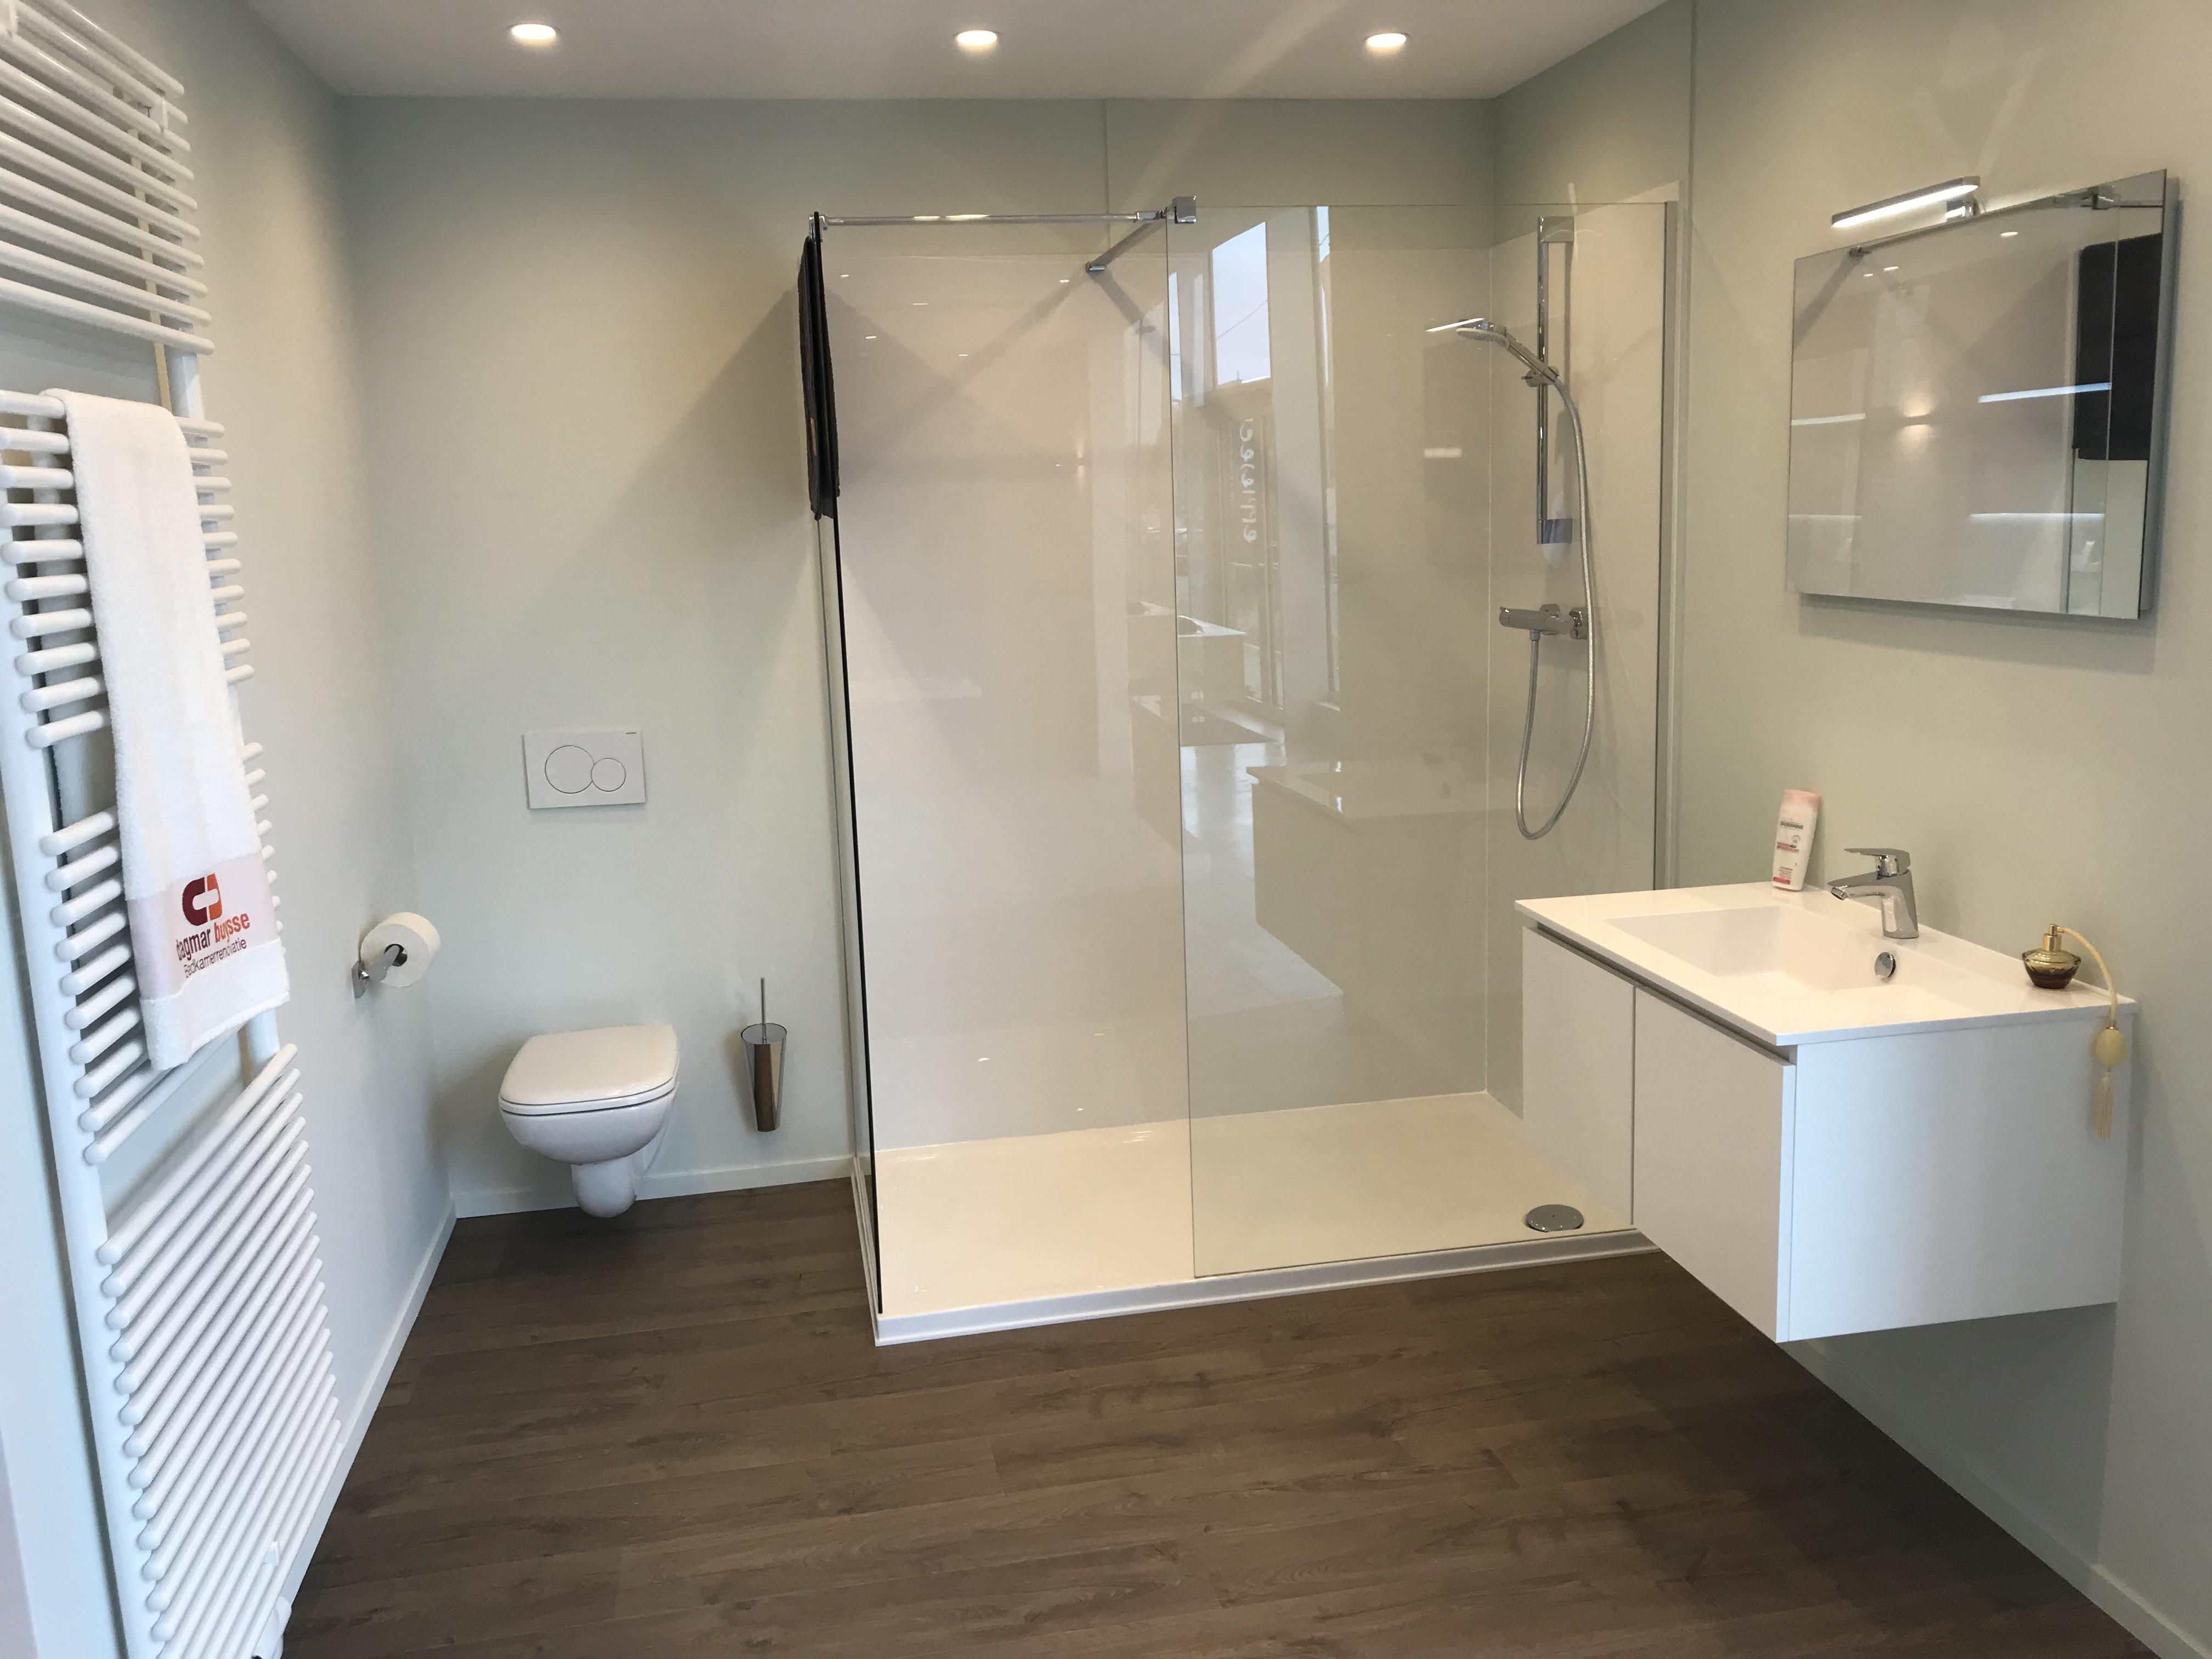 Een Goedkope Badkamer Zo Haal Je Het Maximum Uit Je Budget